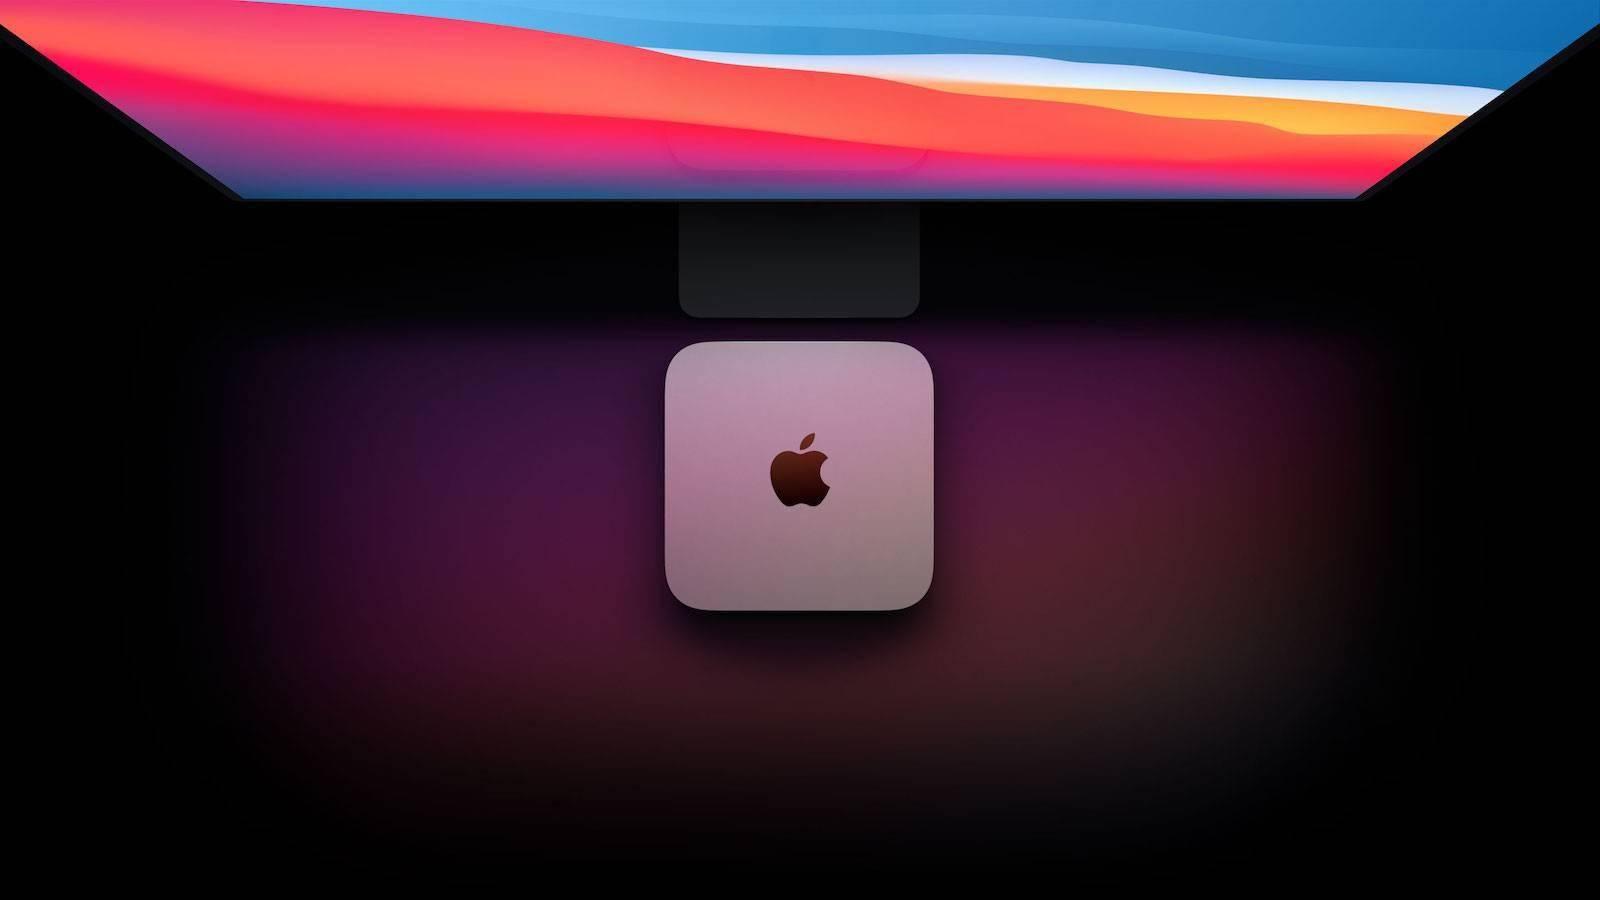 M1 Mac上又发现恶意软件:但确切威胁仍然未知